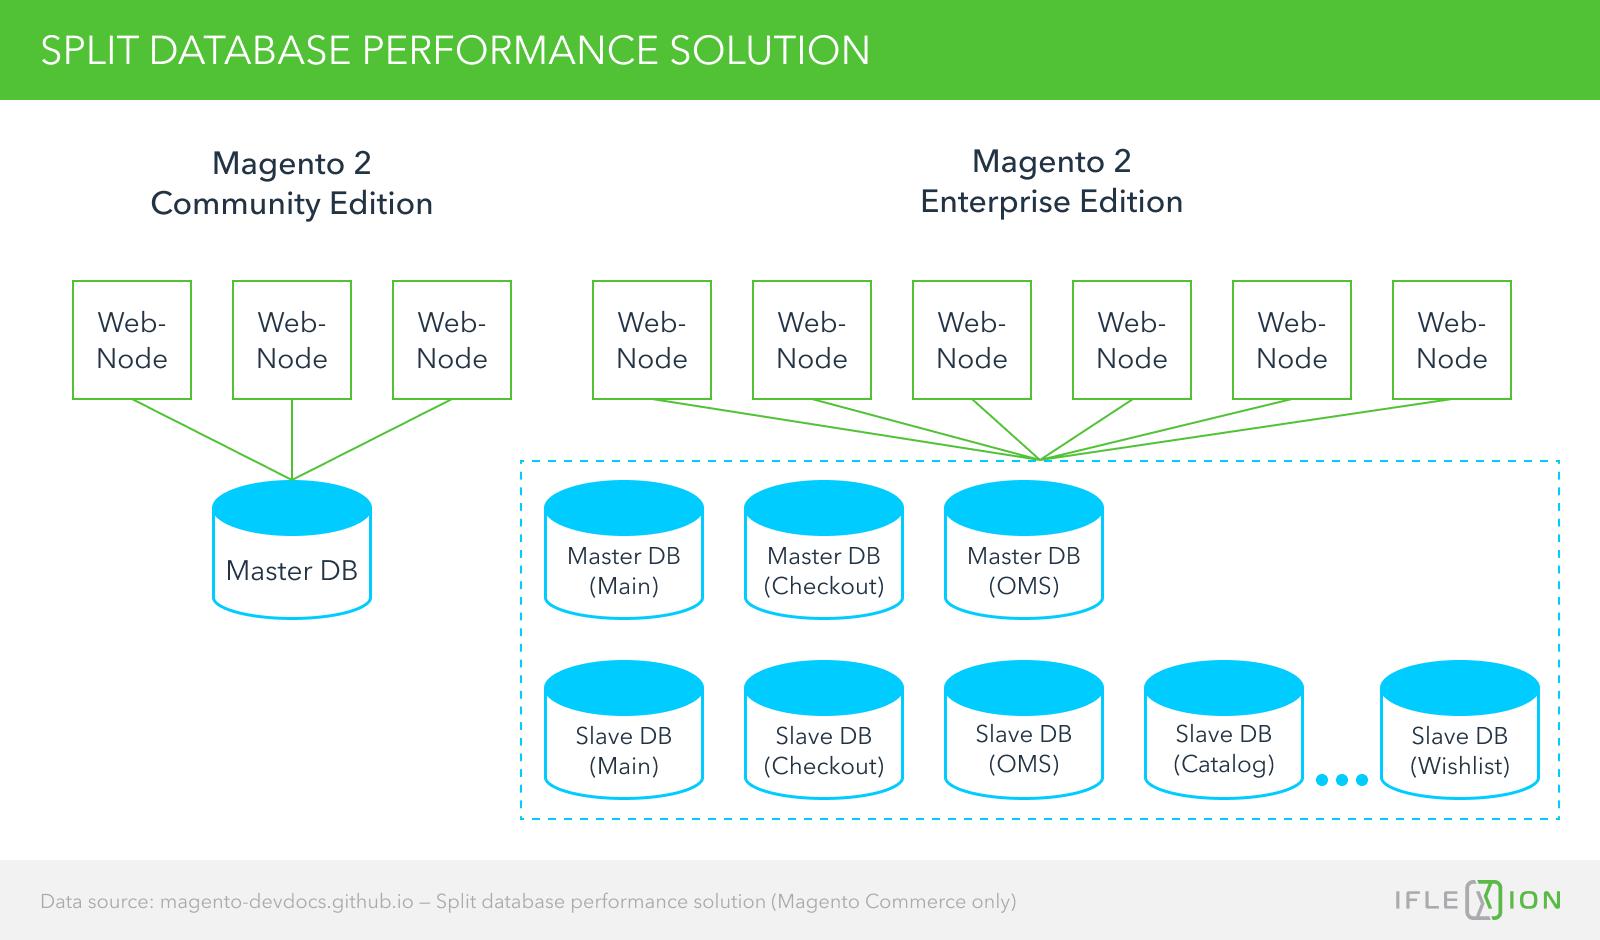 Split database performance solution